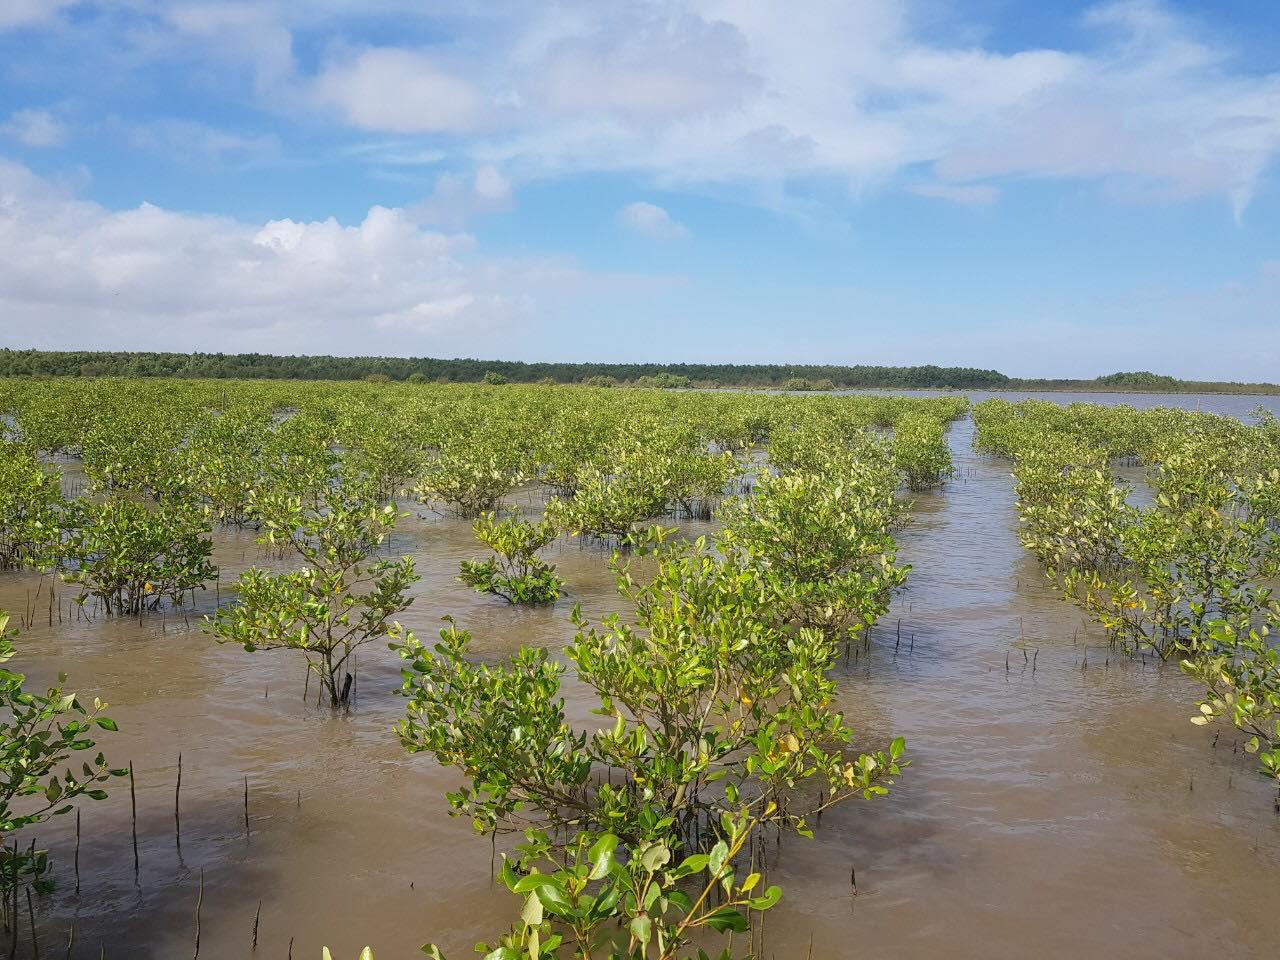 Tái sinh 150ha rừng ngập mặn tại Vườn Quốc gia Mũi Cà Mau - Ảnh 2.